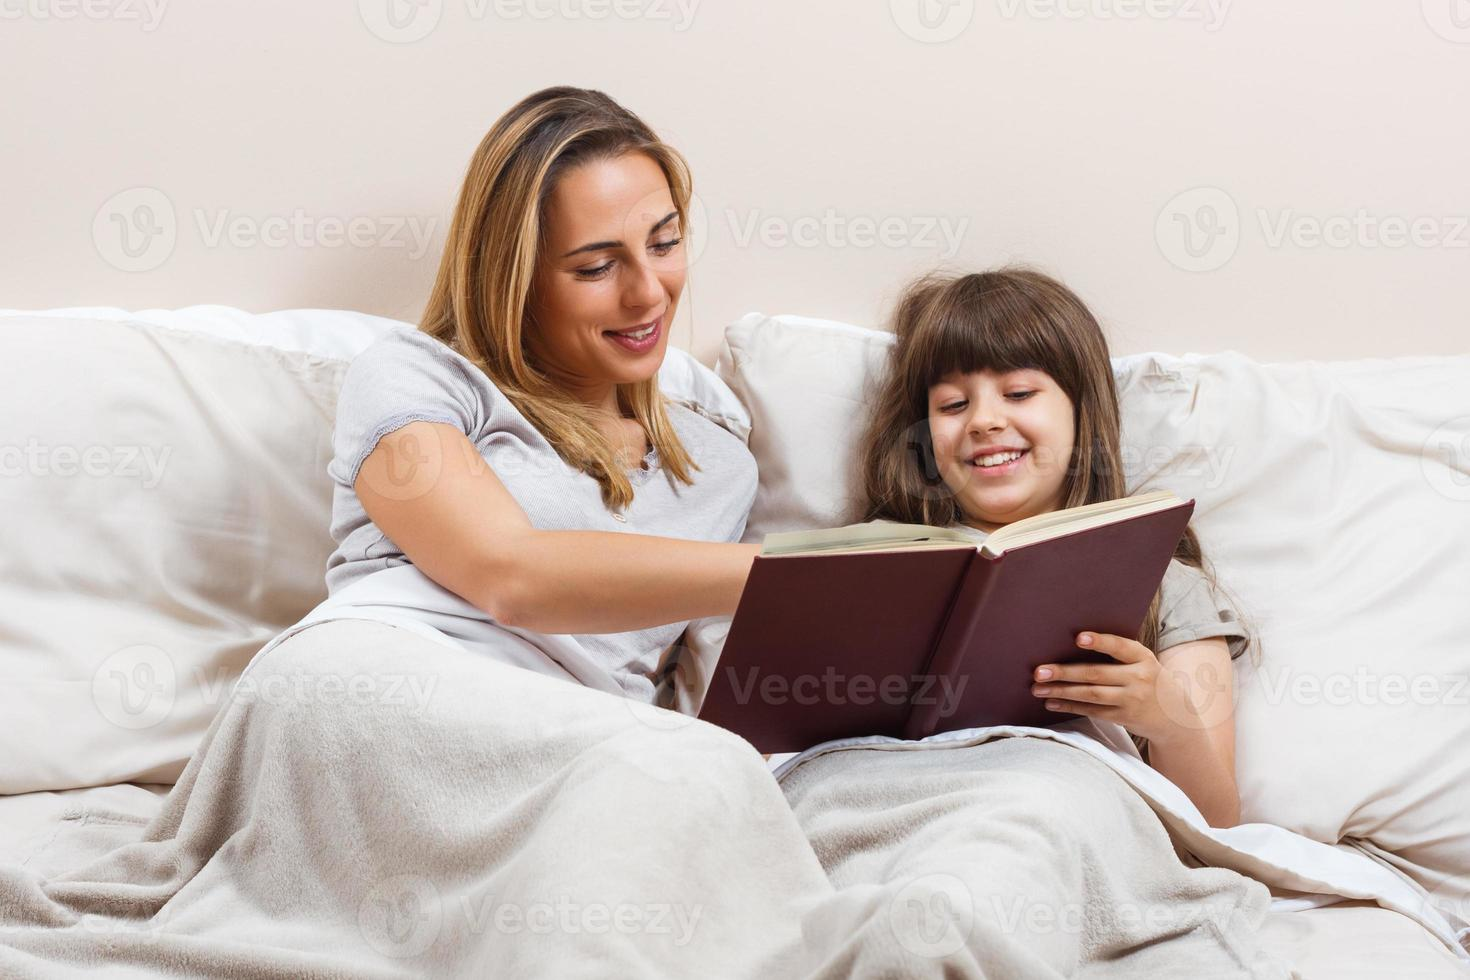 mor och dotter läser tillsammans bok i sängen foto